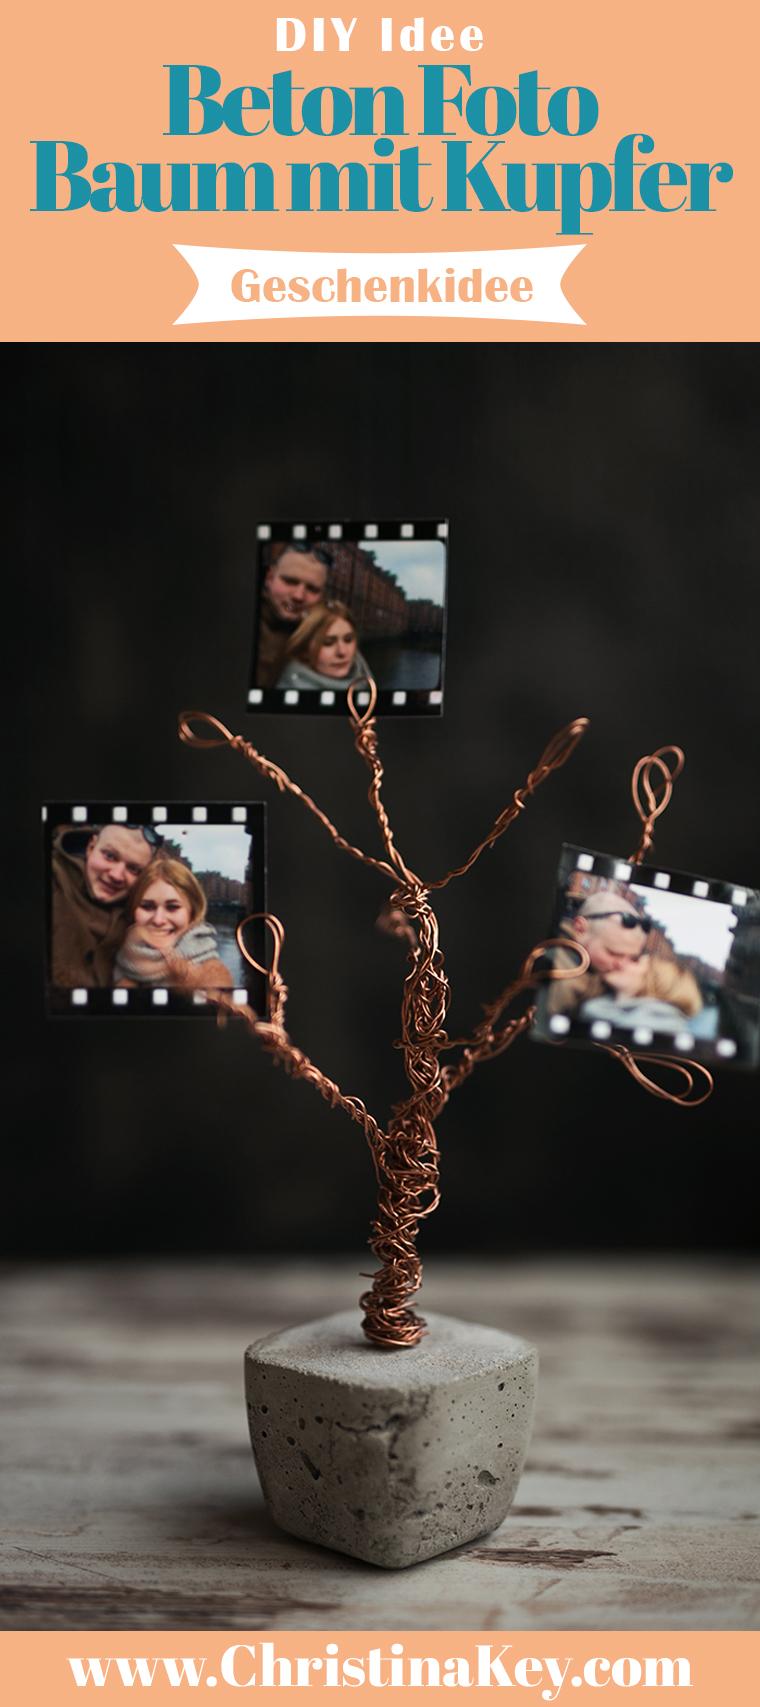 Beton Foto Baum mit Kupfer